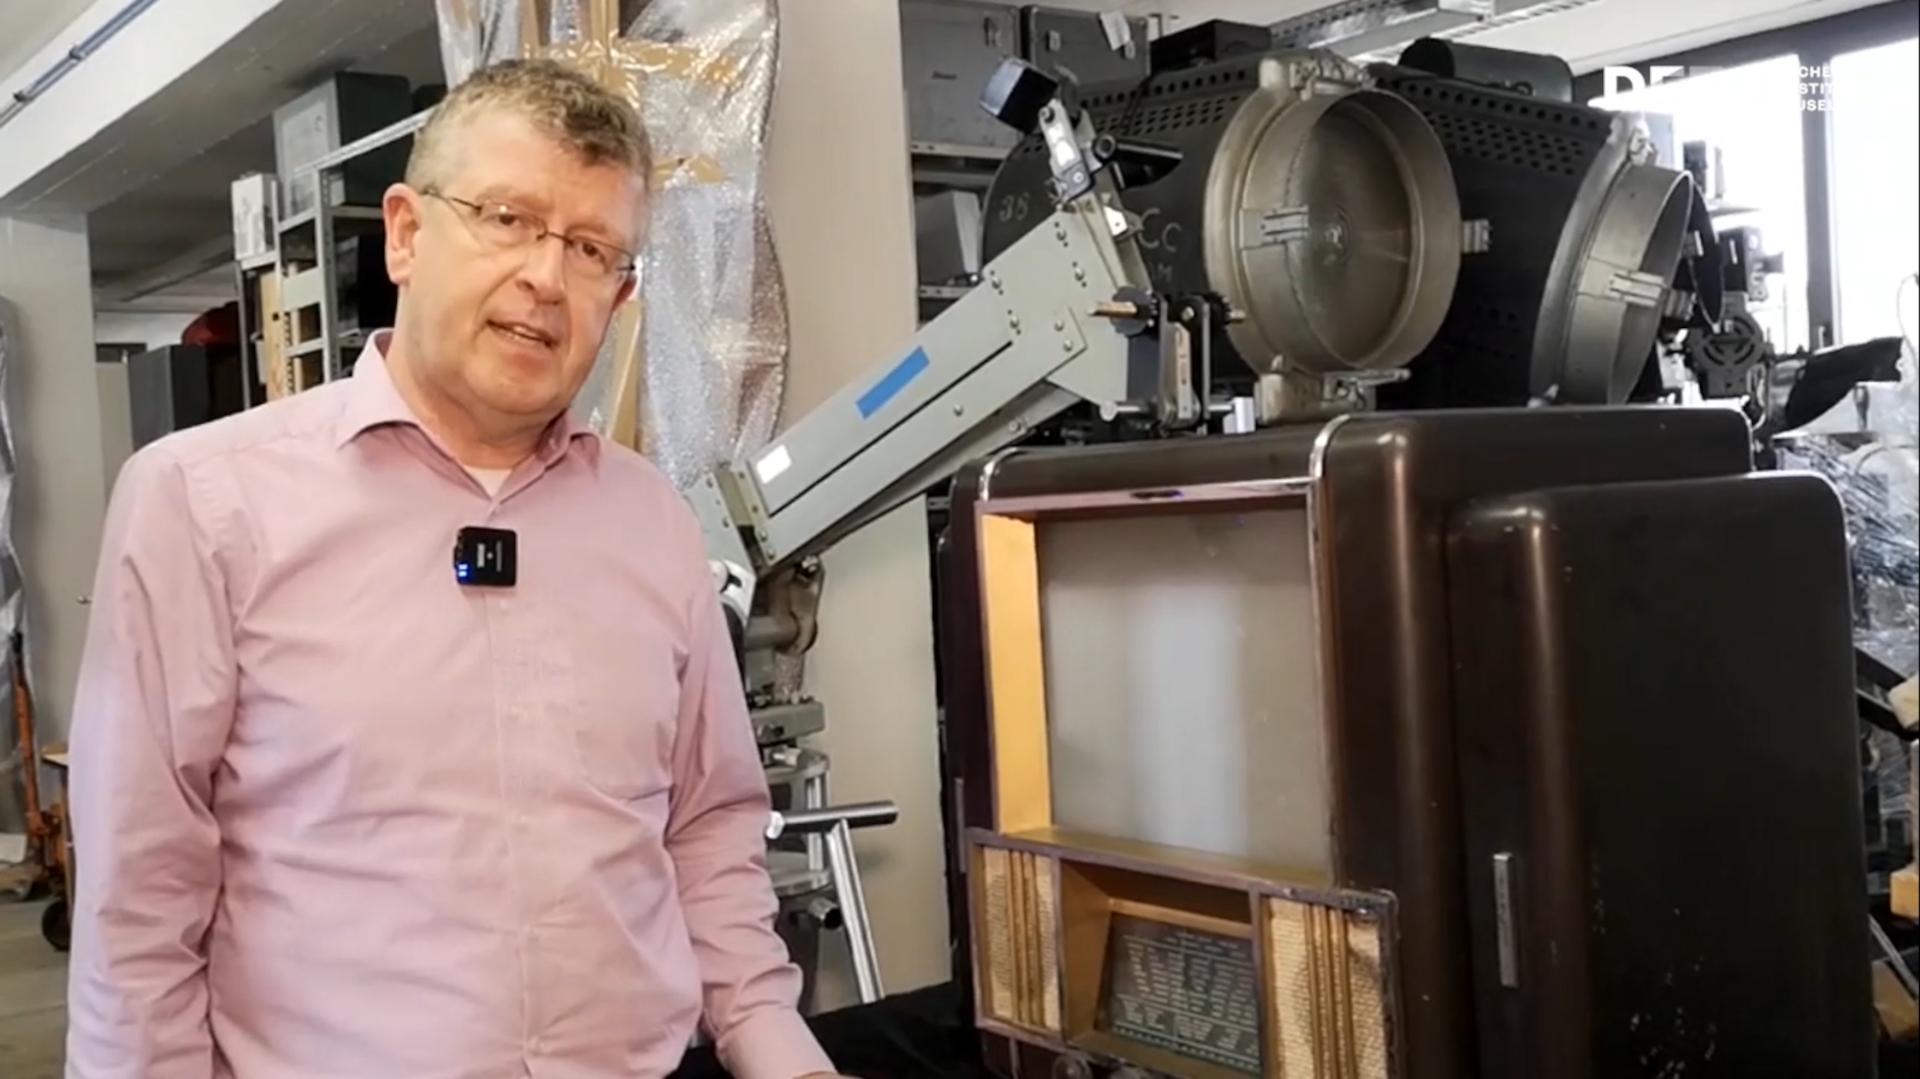 Der Leiter des Gerätearchiv des DFF Thomas Worschech im Gerätearchiv vor einem Projektor